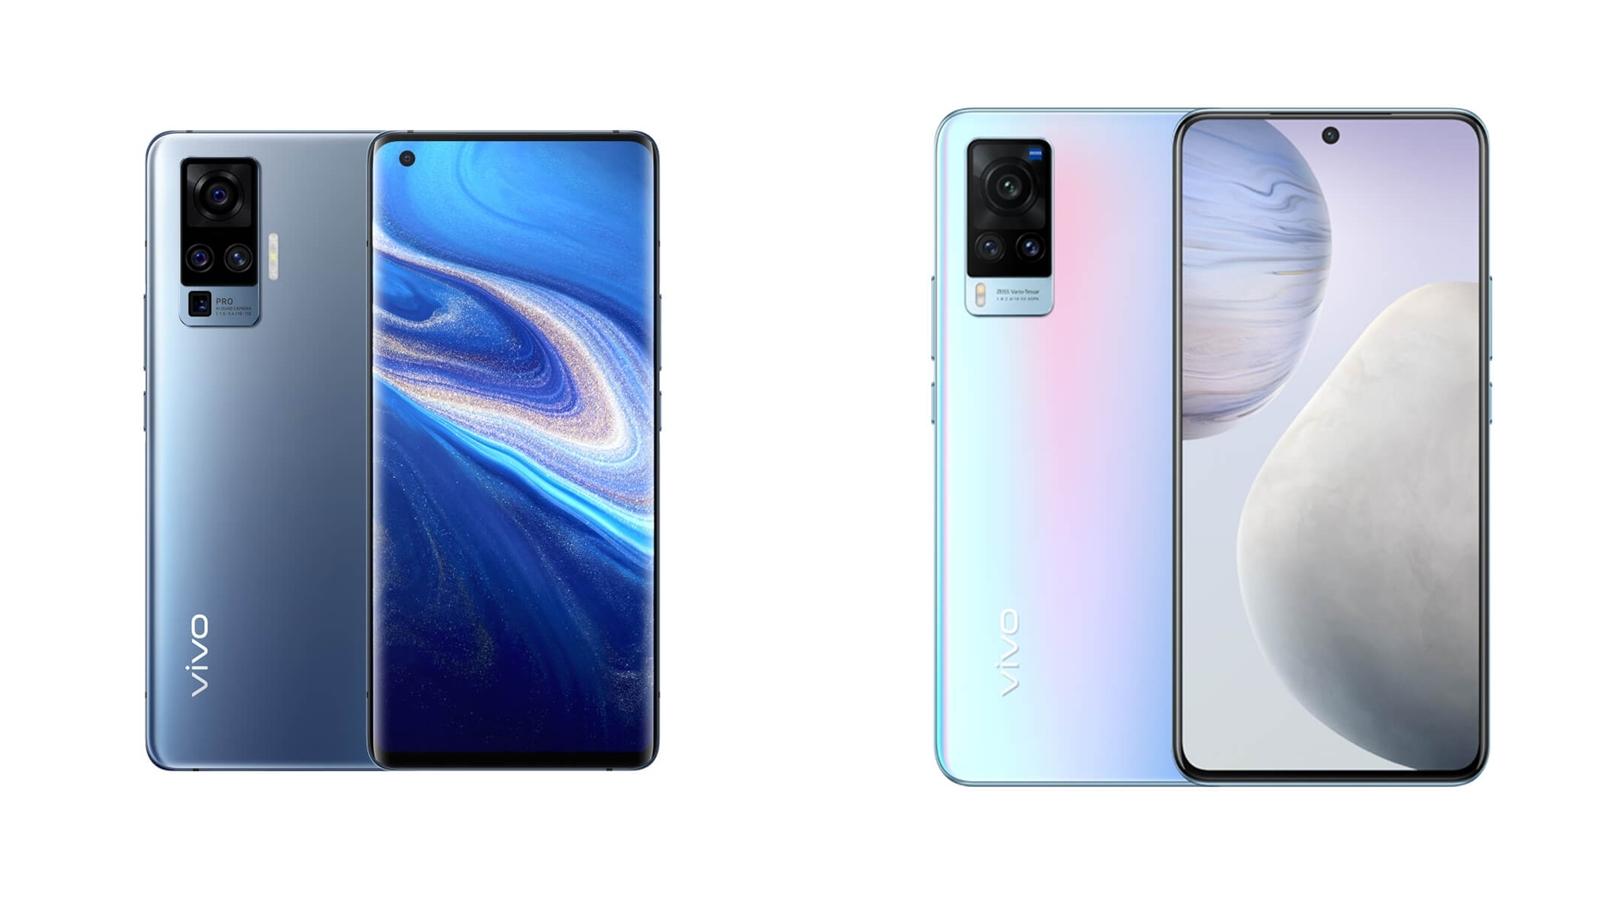 【手機專知】vivo X60 Pro跟X50 Pro的不同差異為何?消費者該怎麼選擇?